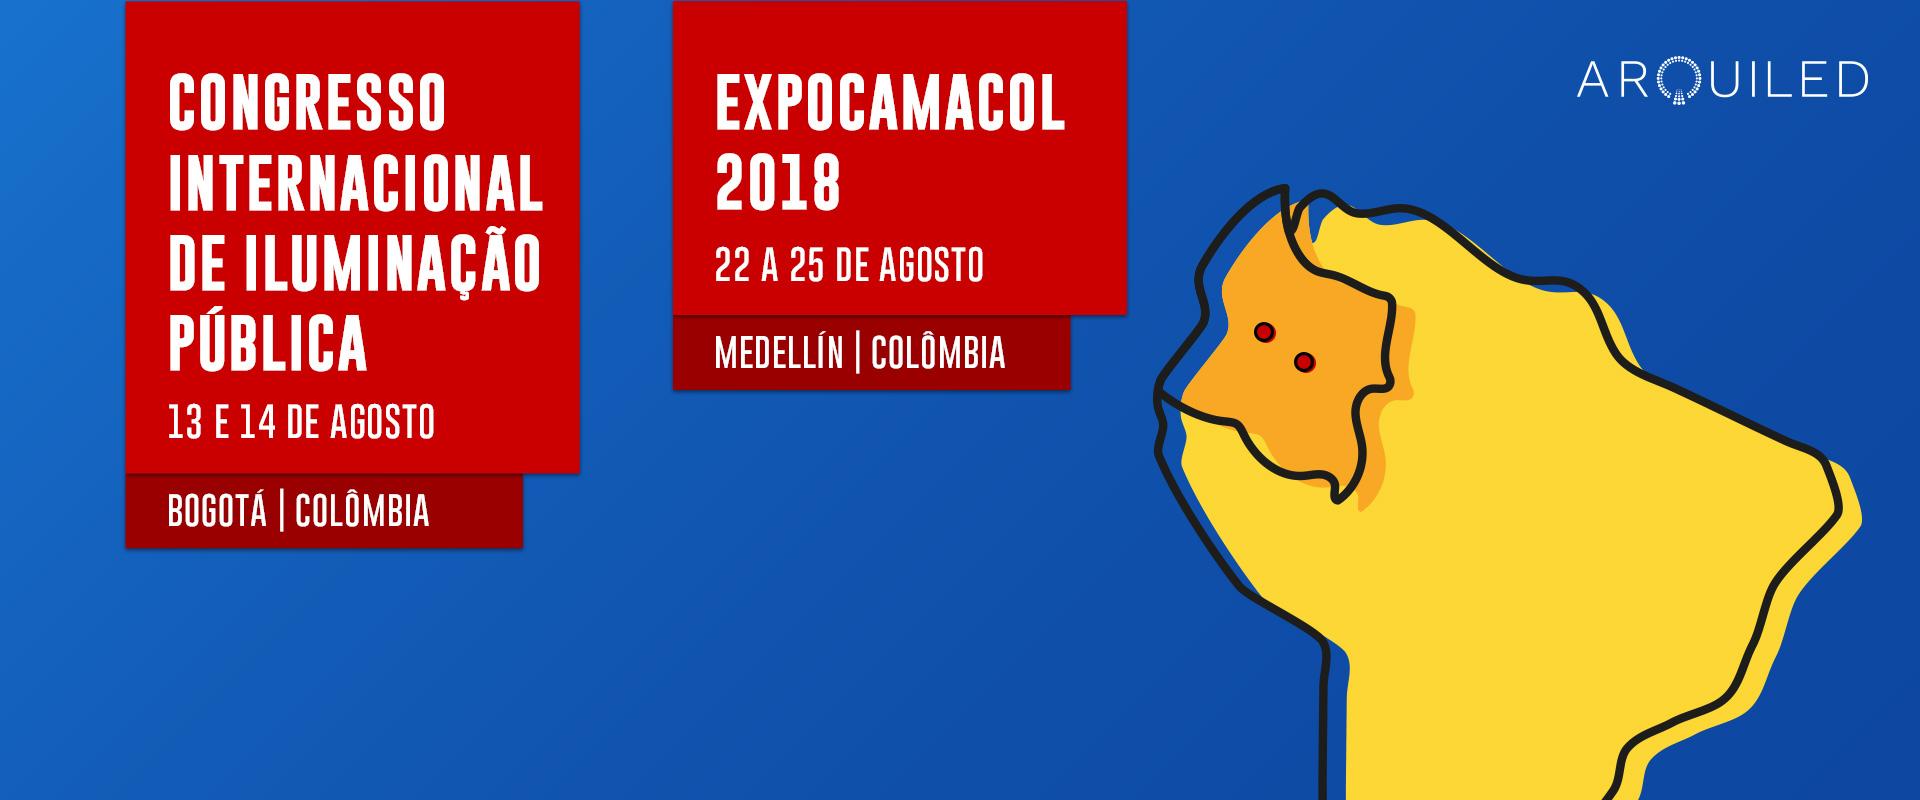 arquiled - internacionalização colômbia eventos (pt)